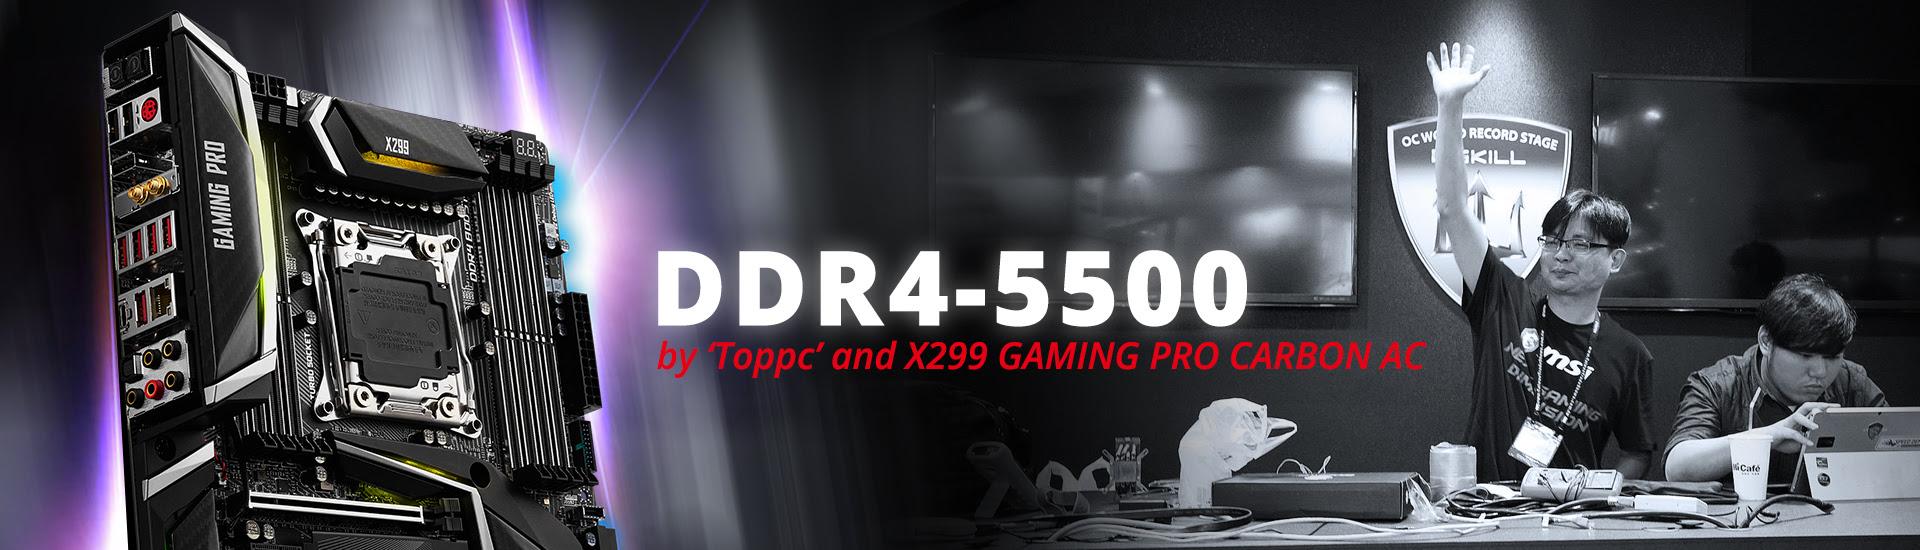 NP: MSI X299 rompe el récord de reloj de memoria: DDR4-5500!